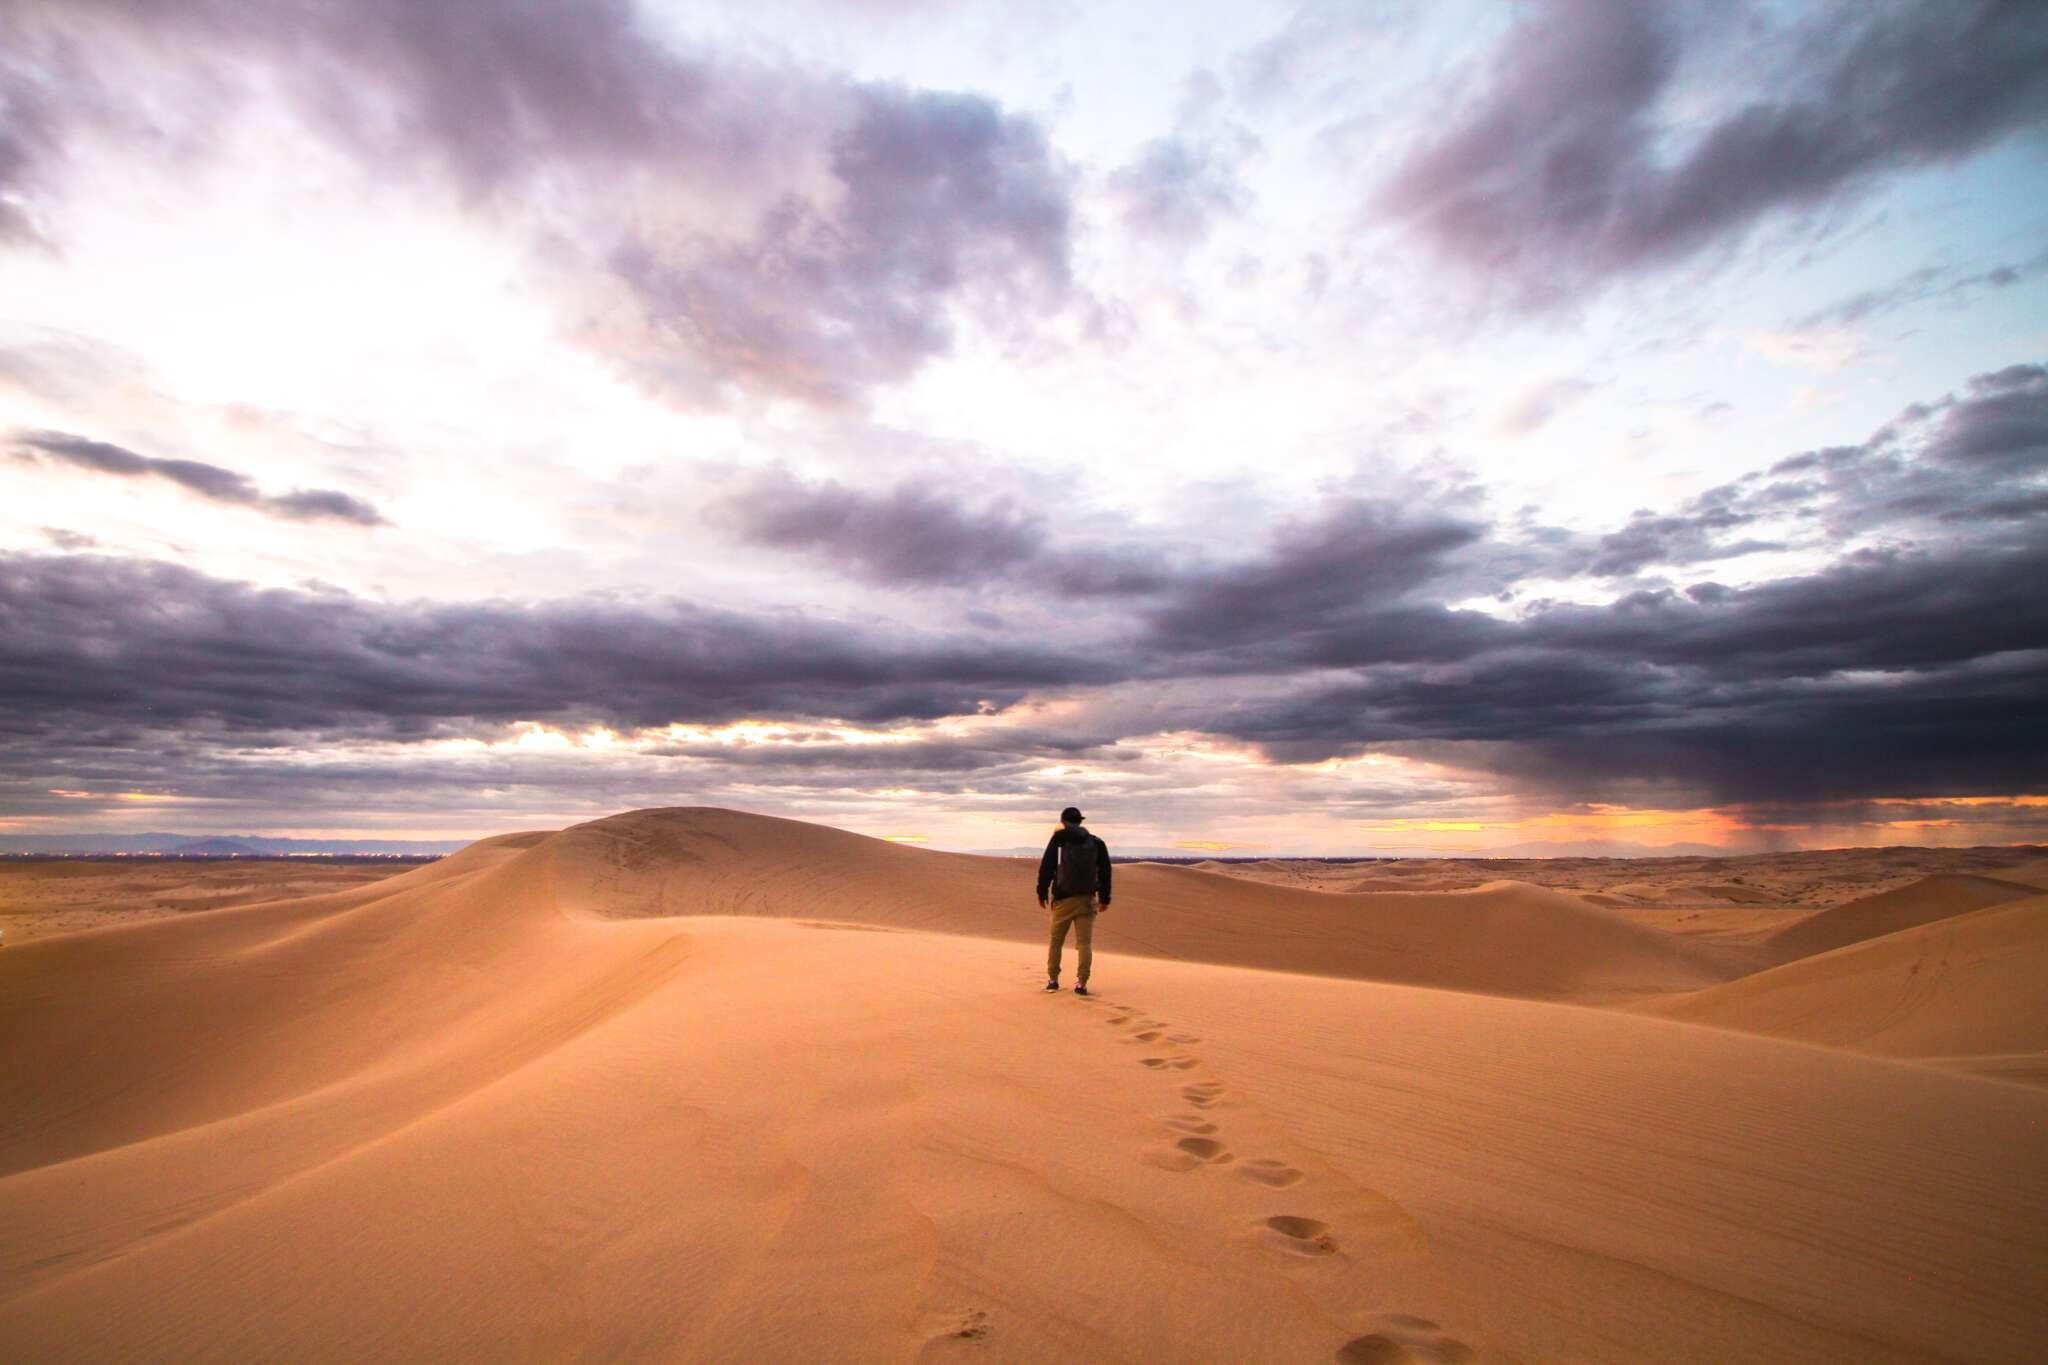 En este primer domingo la mirada se orienta al desierto. El desierto como lugar y tiempo de llamada fuerte a la conversión.